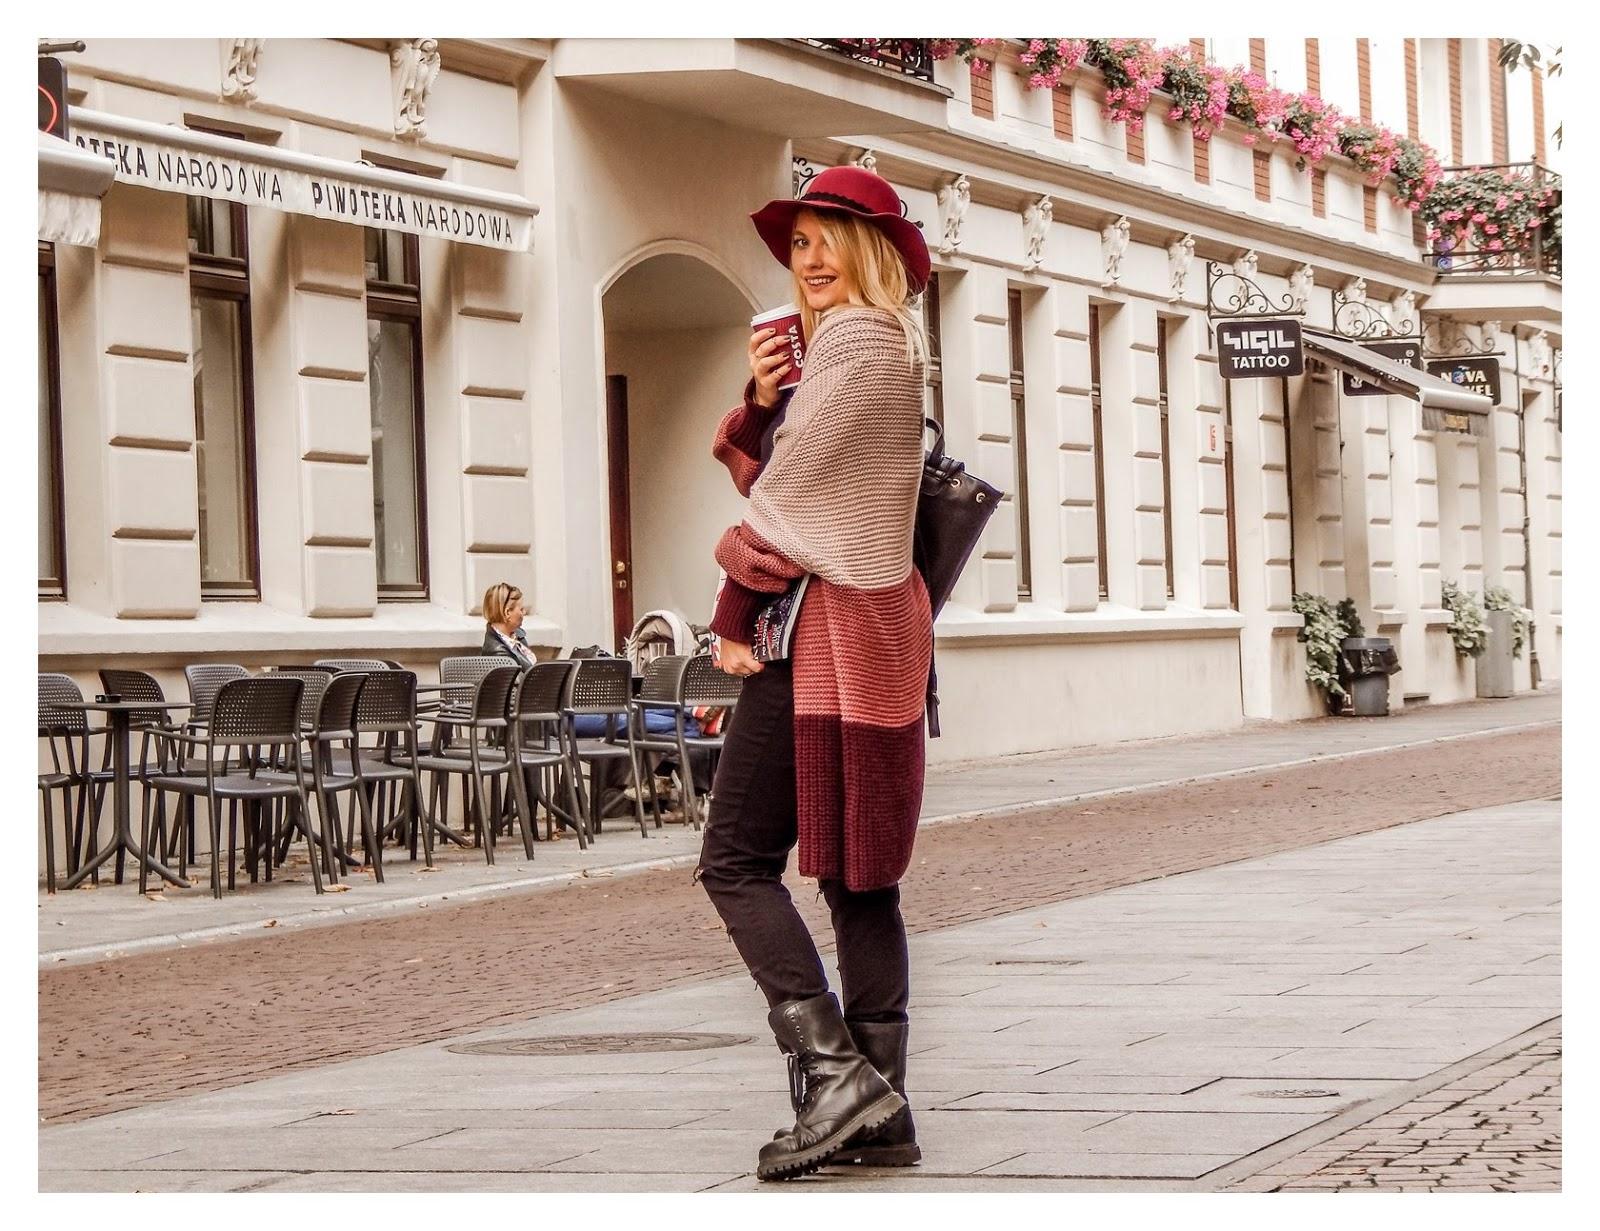 5 detale zegarek daniel wellington złote pierścionki pomysł na stylizacje prezent modnapolka łódź outfit jak nosić swetry owersize kolorowe ubrania na jesień co jest modne jesień zima 2018 blondynka kolory włosy